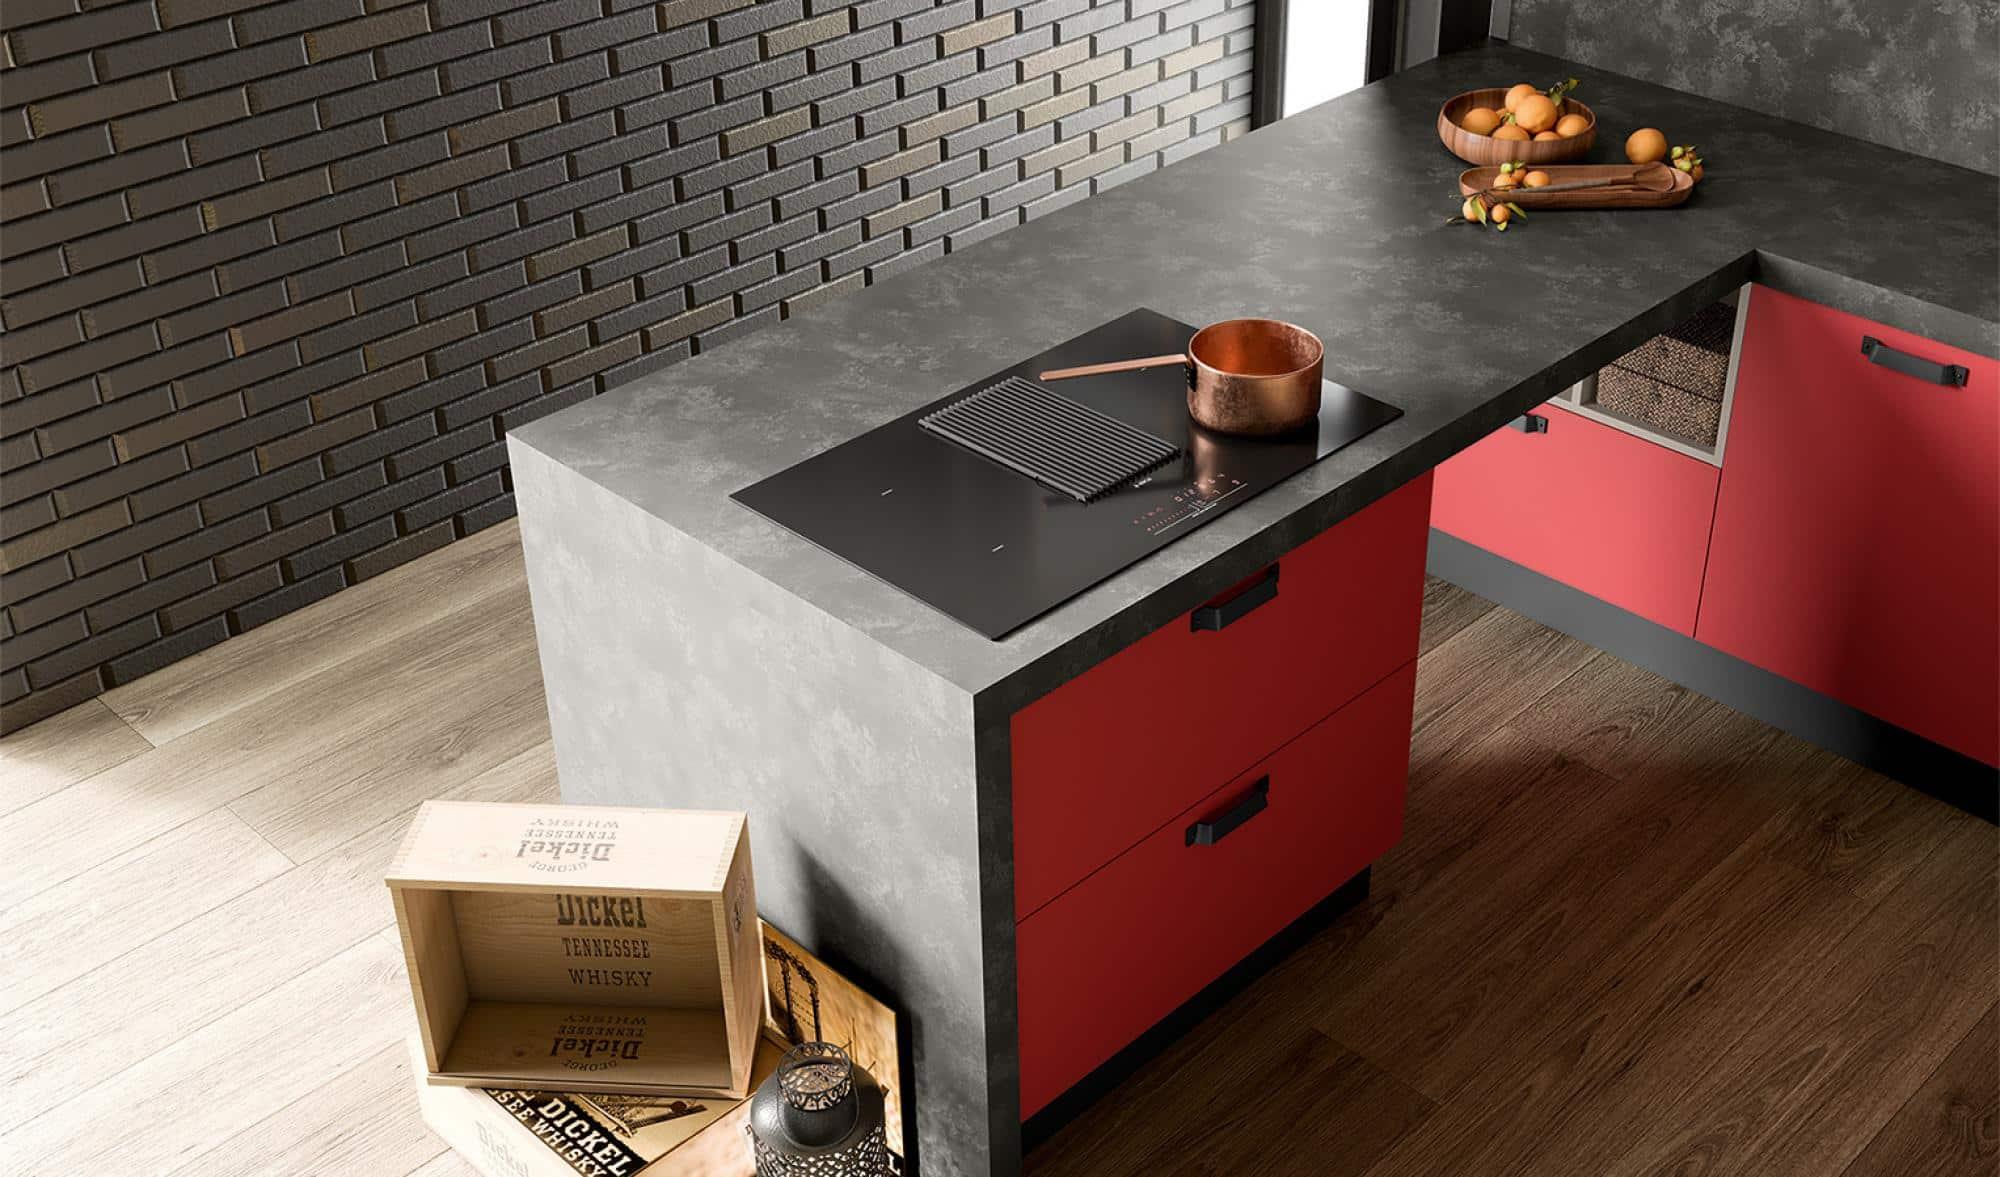 Κουζινα μελαμινη σε κοκκινο με μπεζ ματ χρωματισμο